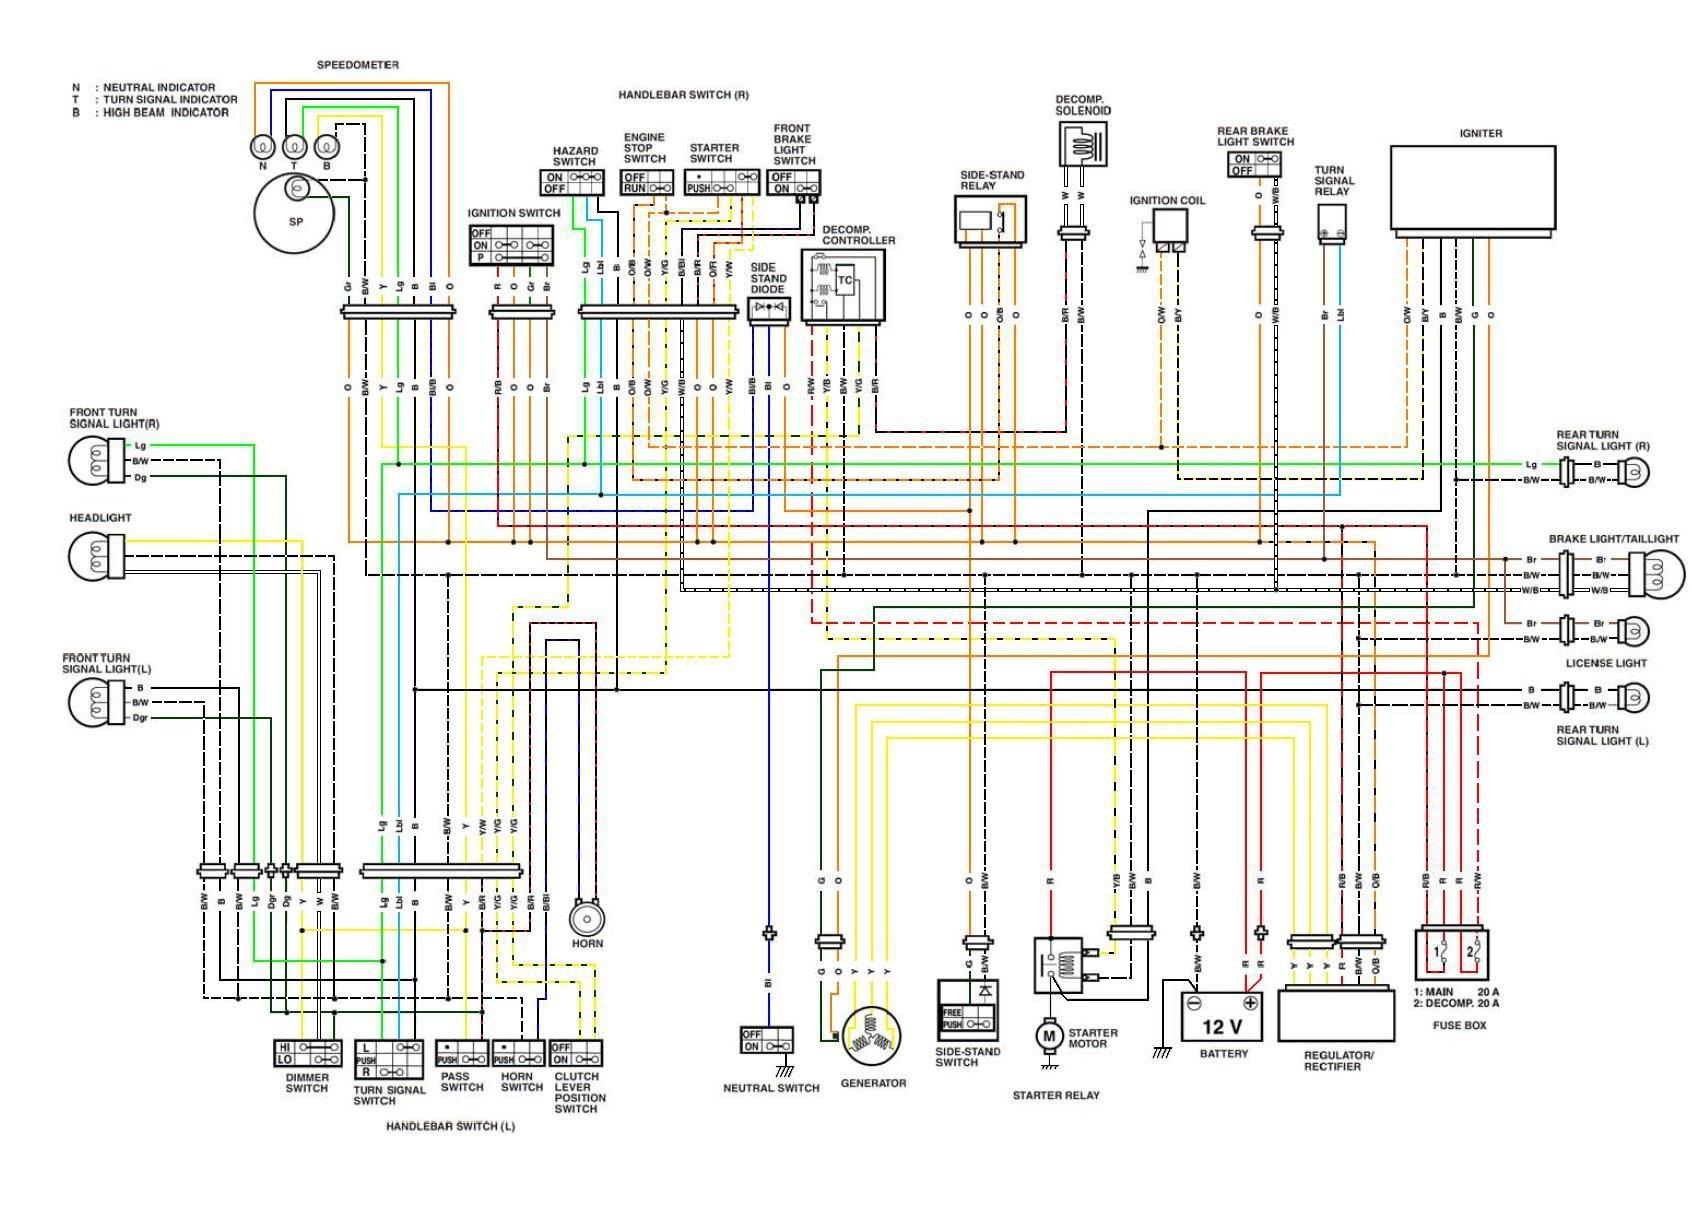 Harley Evolution Engine Diagram 1340 Harley Engine Diagram Schematics Wiring Diagrams • Of Harley Evolution Engine Diagram